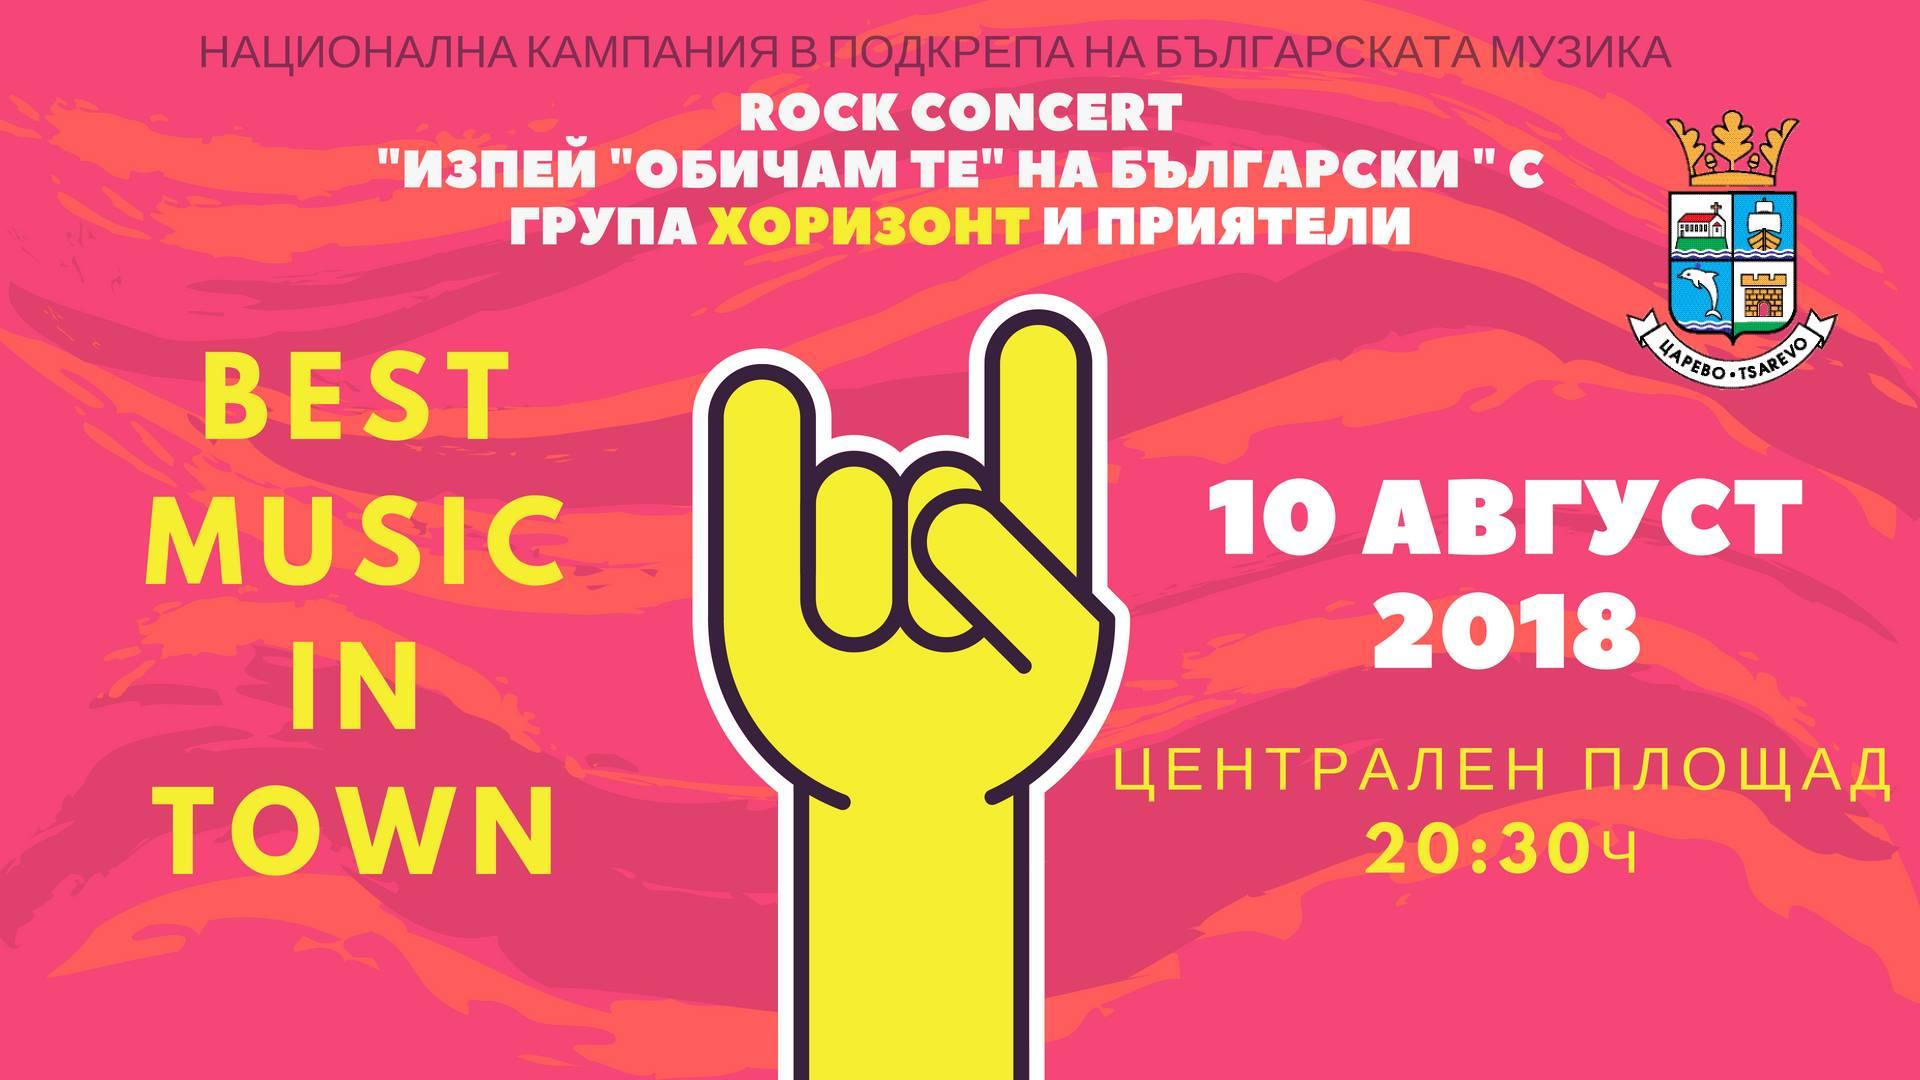 """Група """"Хоризонт"""" с концерт от кампанията"""